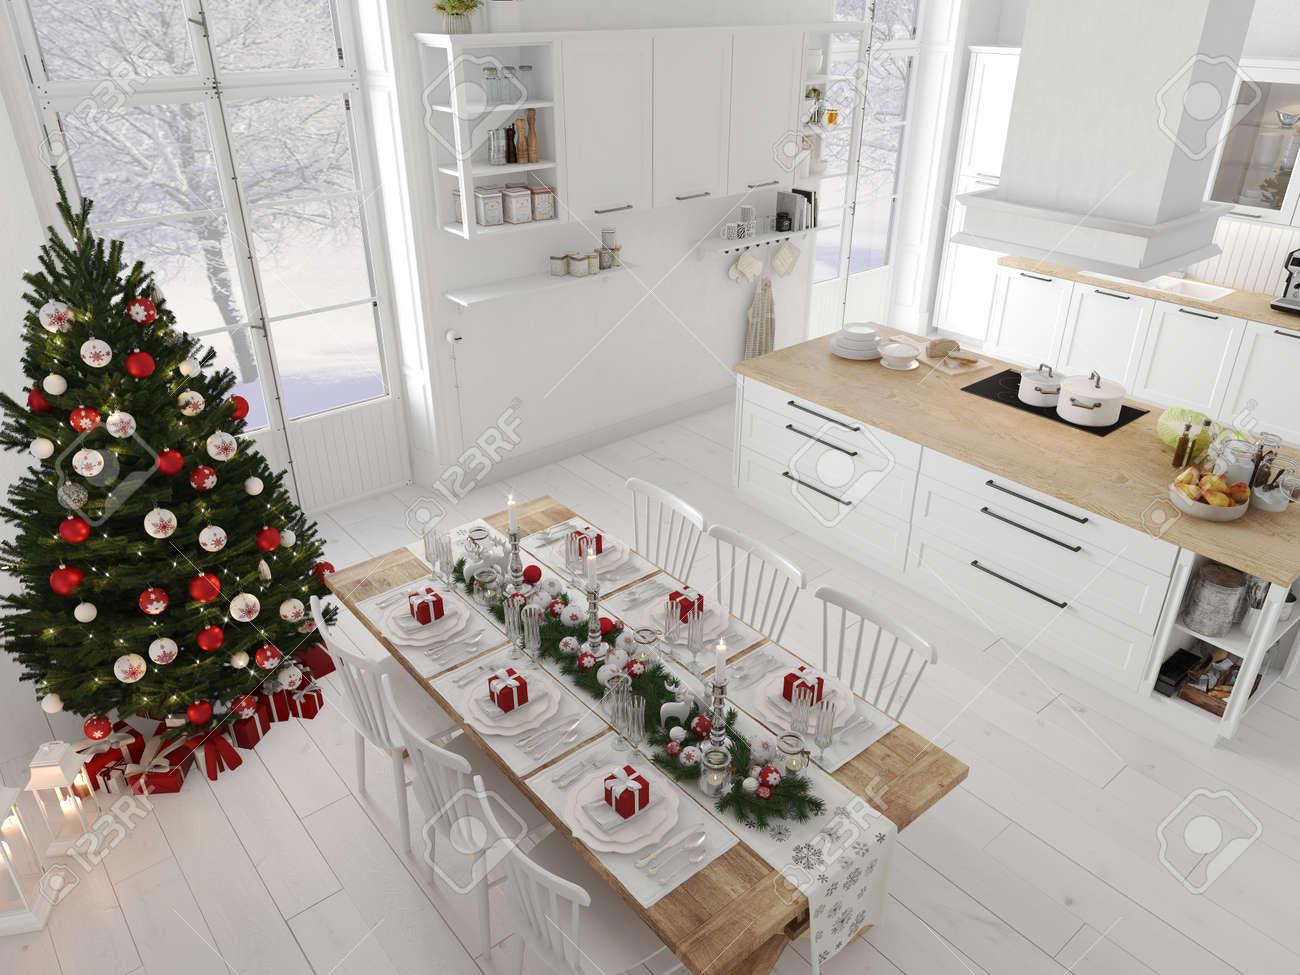 Cuisine nordique avec décoration de Noël par jour. Rendu 18D